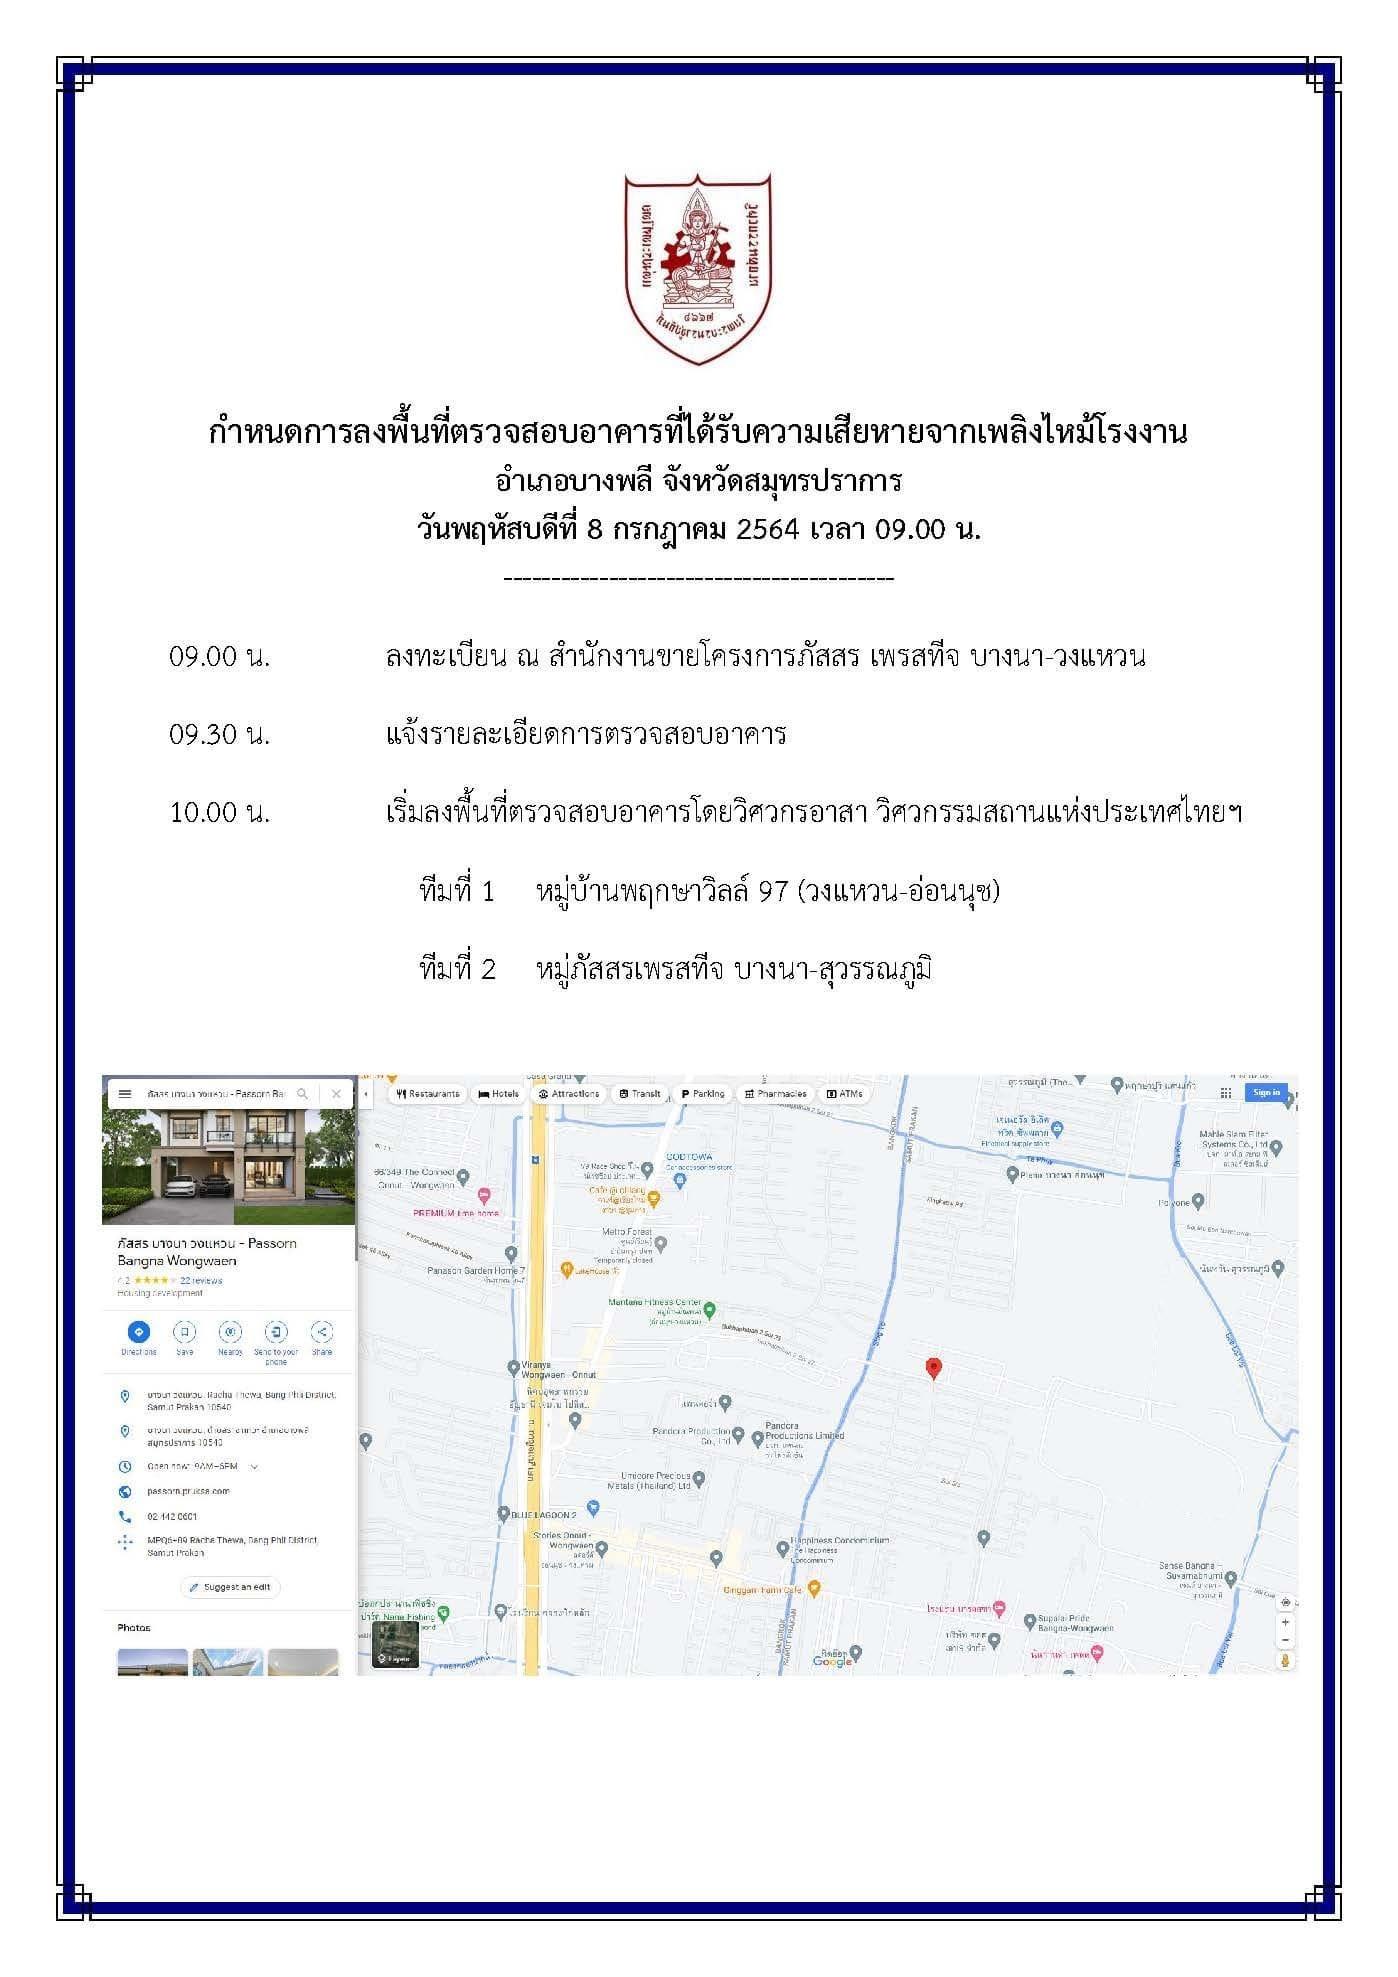 วิศวกรอาสาพากลับบ้าน โดยวิศวกรรมสถานแห่งประเทศไทยฯ